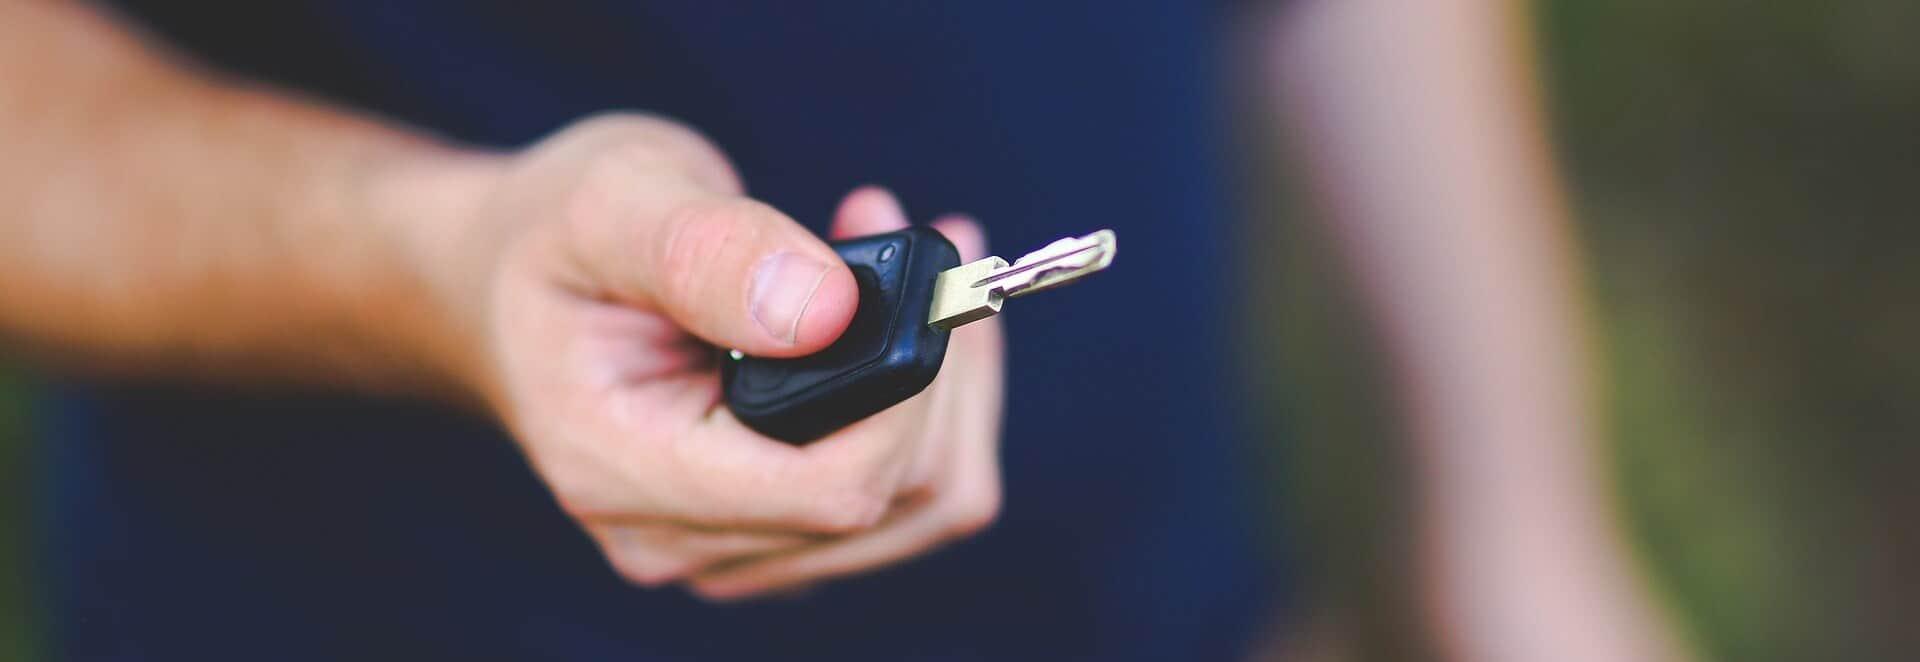 מנעולן לרכב – תיקון סוויץ